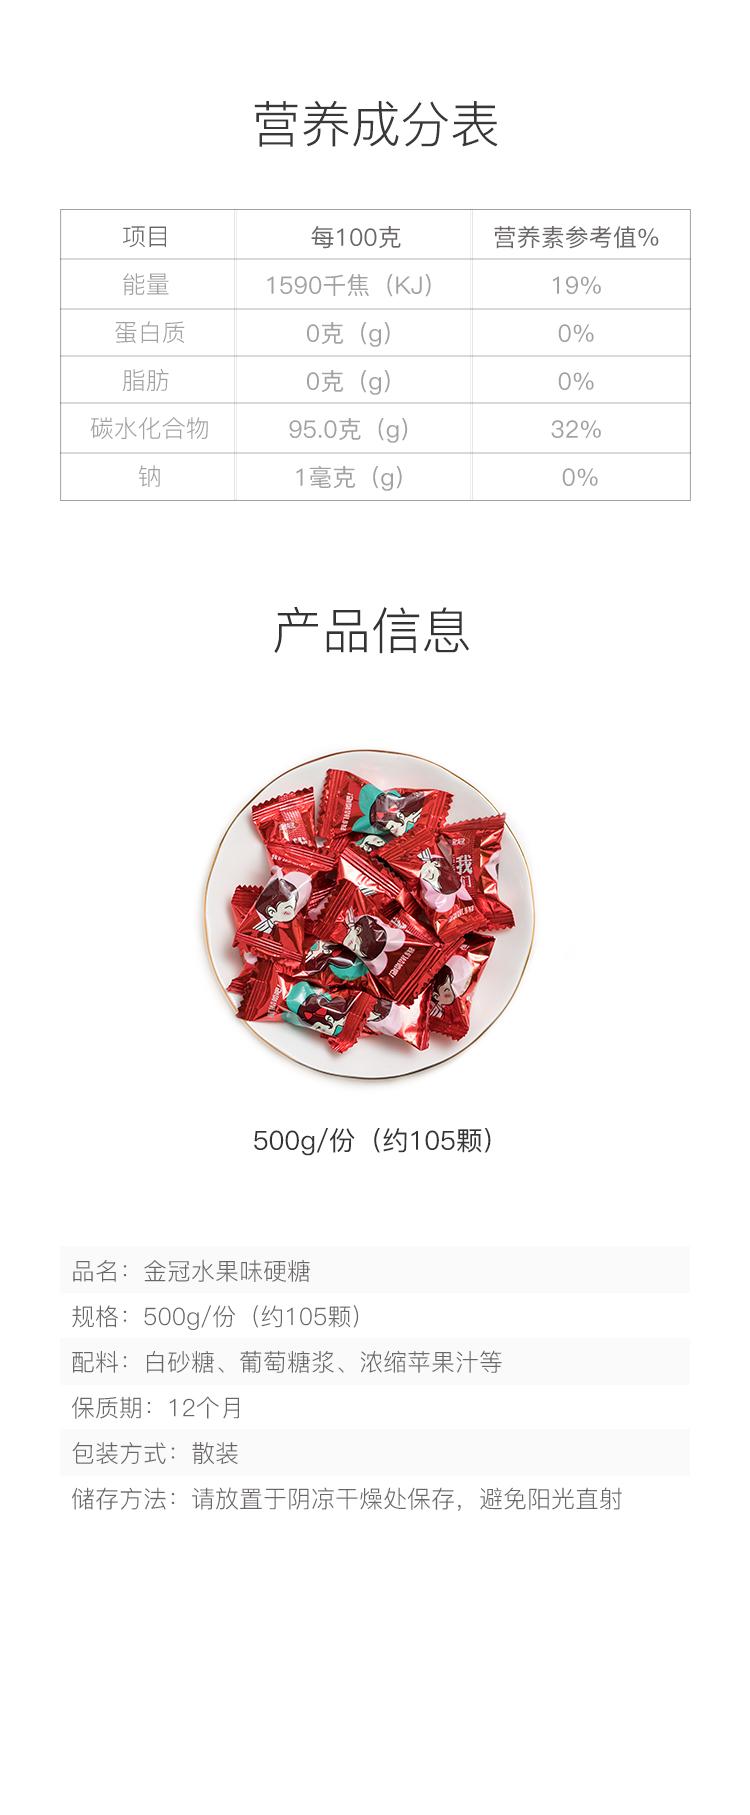 金冠我们结婚吧水果味硬糖 500g